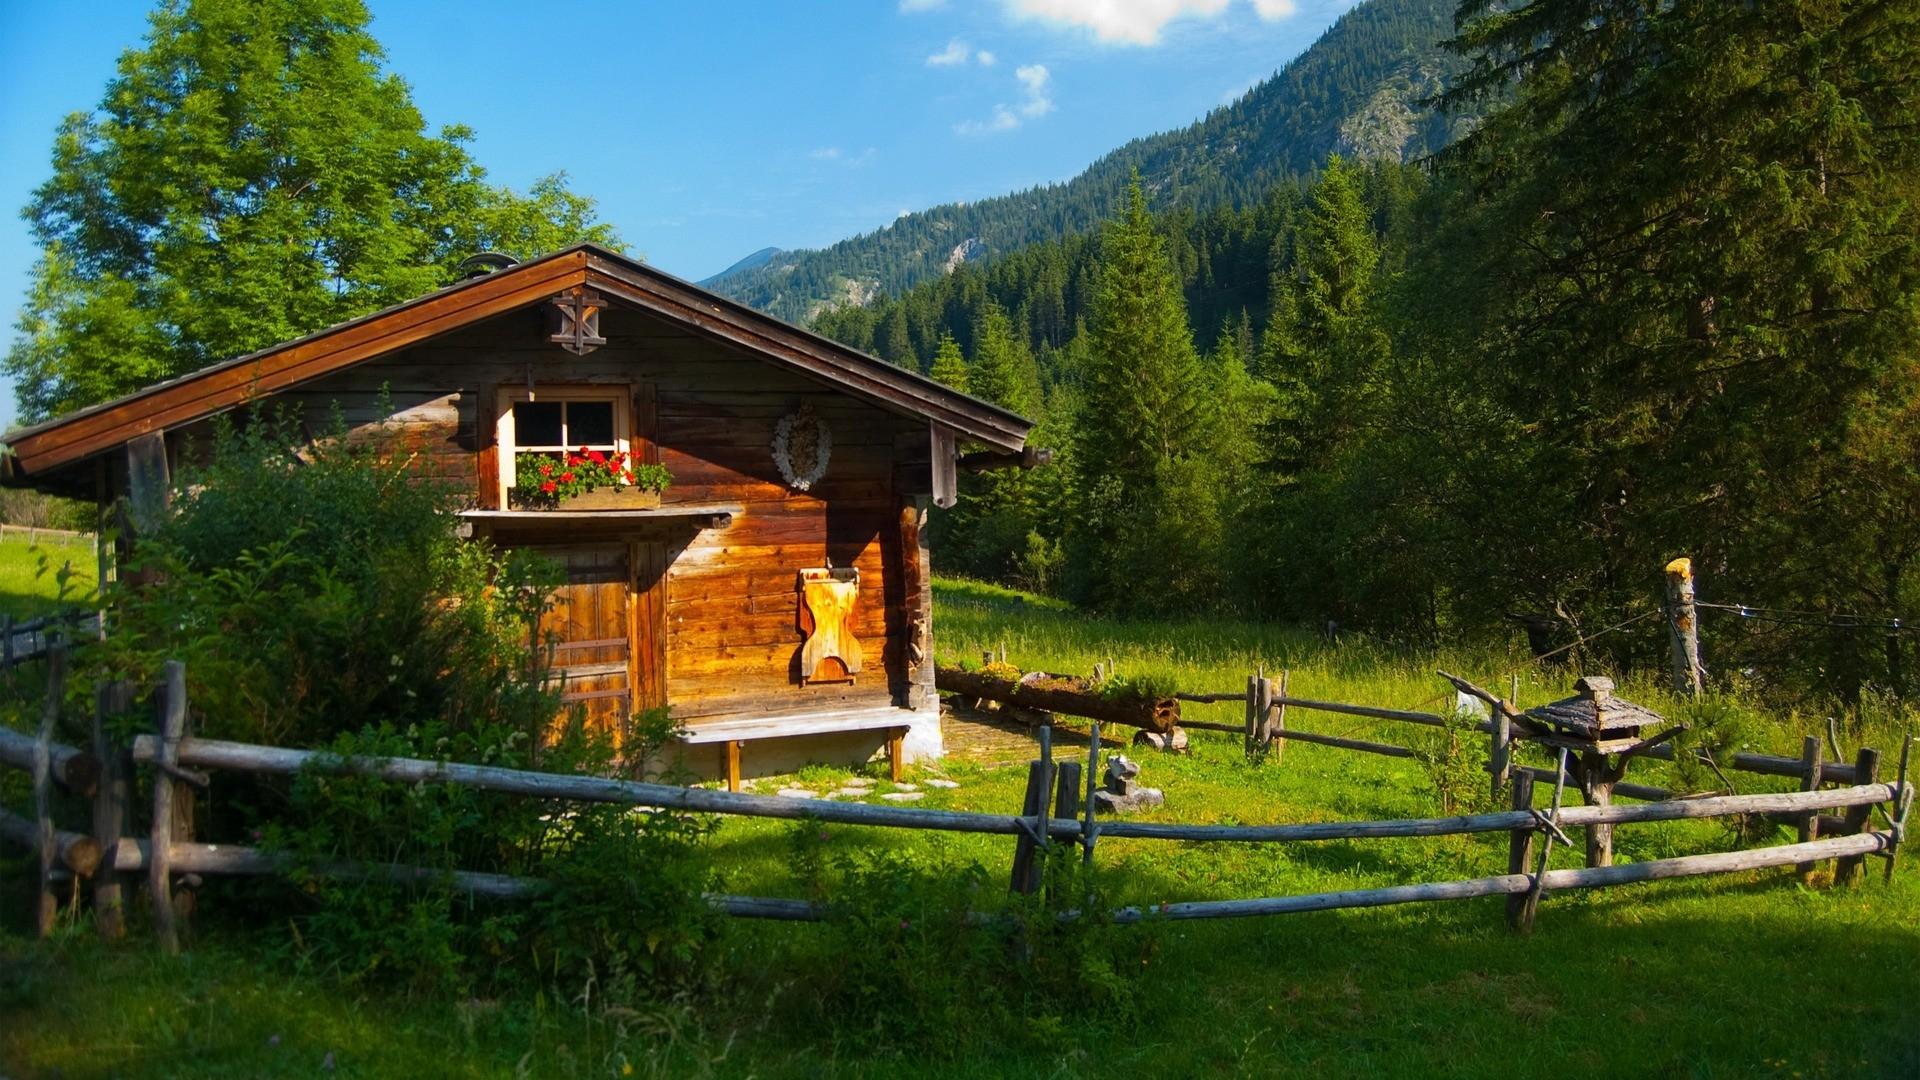 Log cabin wallpapers and screensavers wallpapersafari - Mountain screensavers free ...